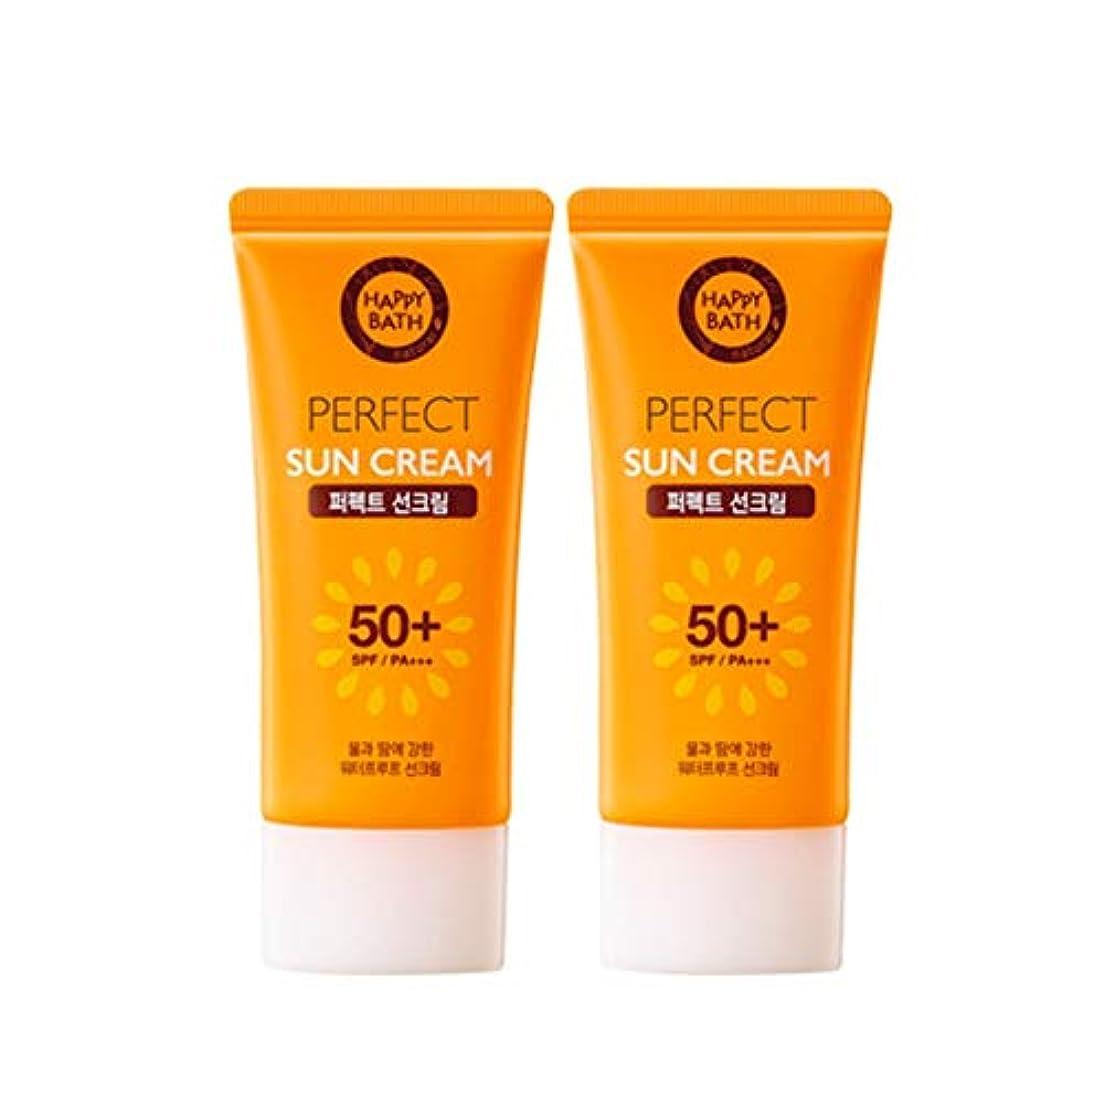 ナプキン寝る略奪ハッピーバスパーフェクトサンクリーム 80gx2本セット韓国コスメ、Happy Bath Perfect Sun Cream 80g x 2ea Set Korean Cosmetics [並行輸入品]